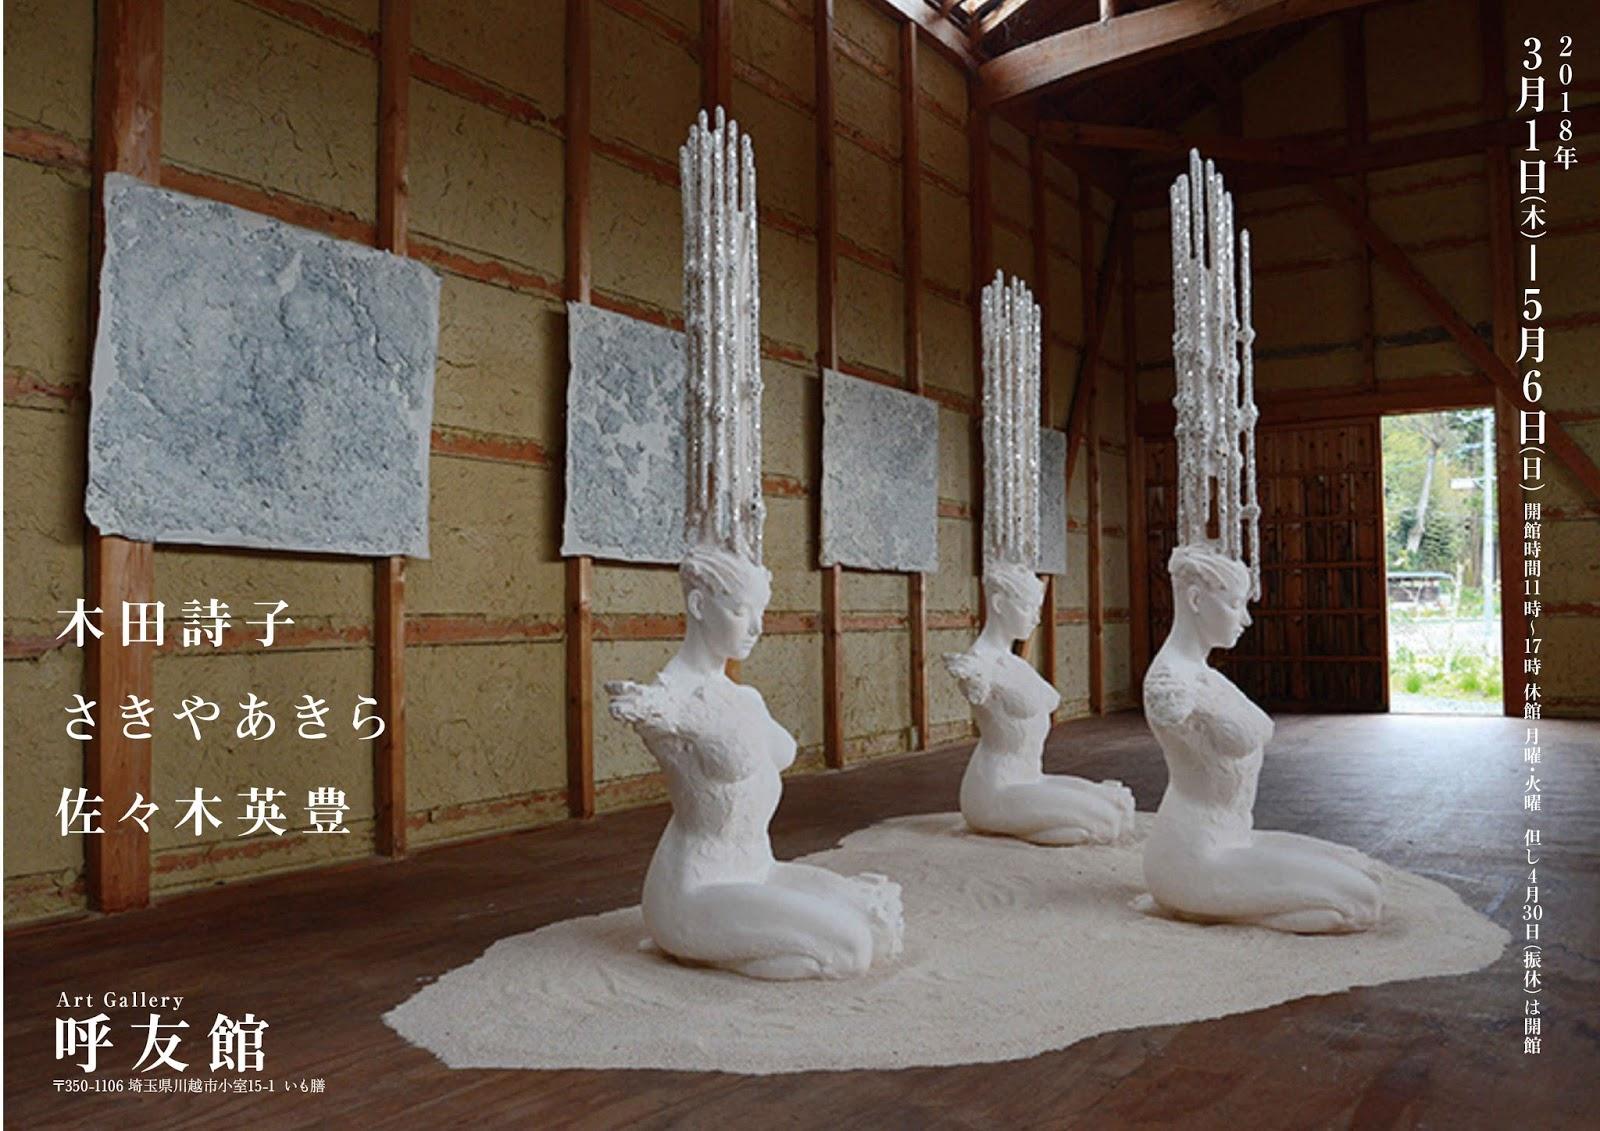 Art Gallery 呼友館 KAWAGOE IMO...